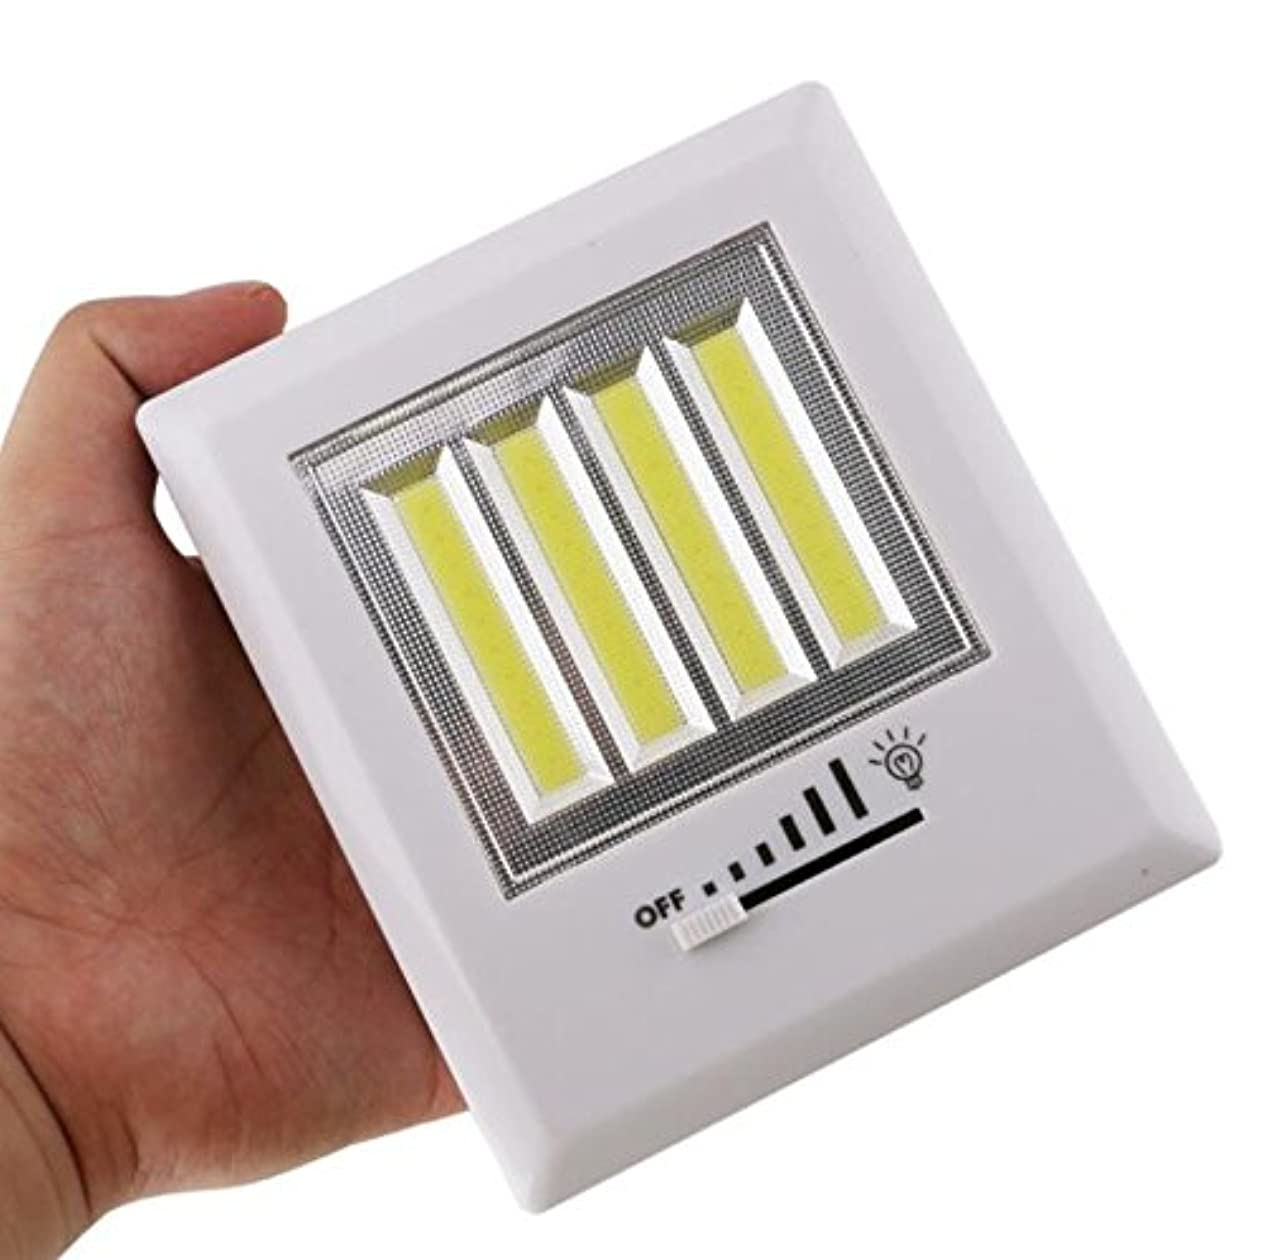 一般的に言えばも六分儀1stモール ディマー LED ライト 調光可能 COB型 ワンタッチ どこでも 簡単設置 3WAY スイッチ 一体型 照明 マグネット付 ST-DIMMER